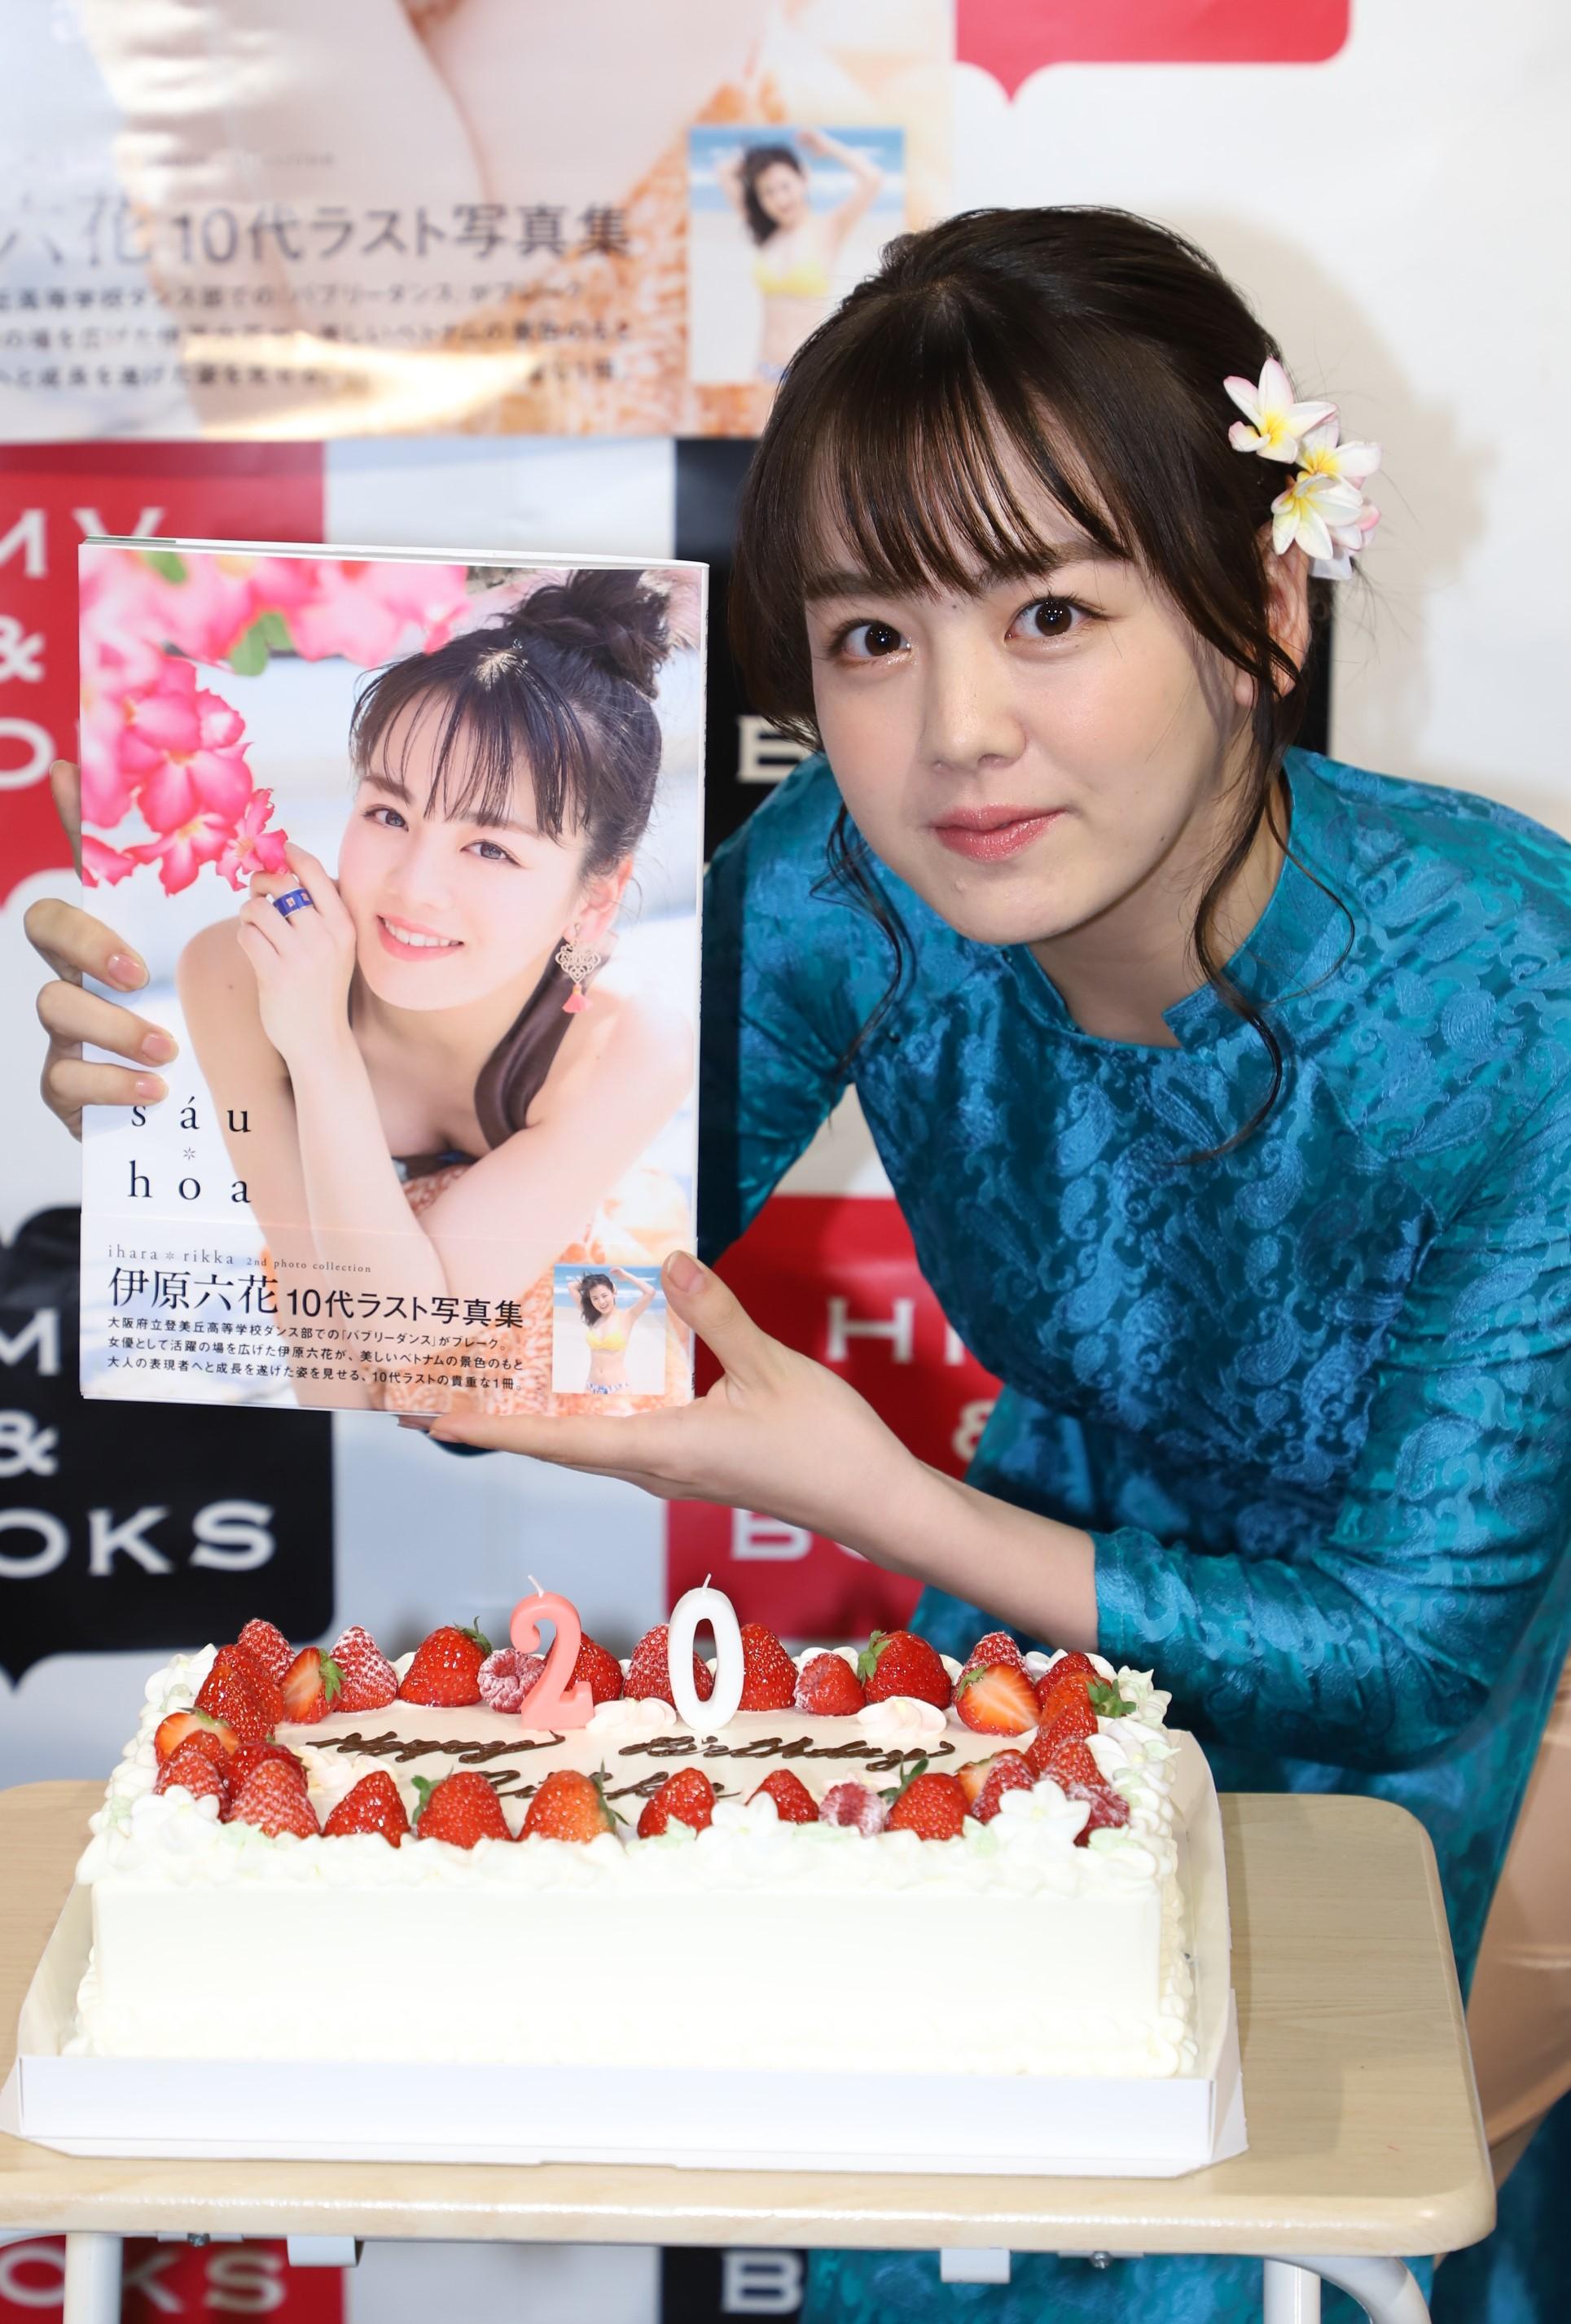 伊原六花/2nd写真集「sáu hoa」発売記念イベントにて(2019年6月2日、HMV&BOOKS SHIBUYAにて)